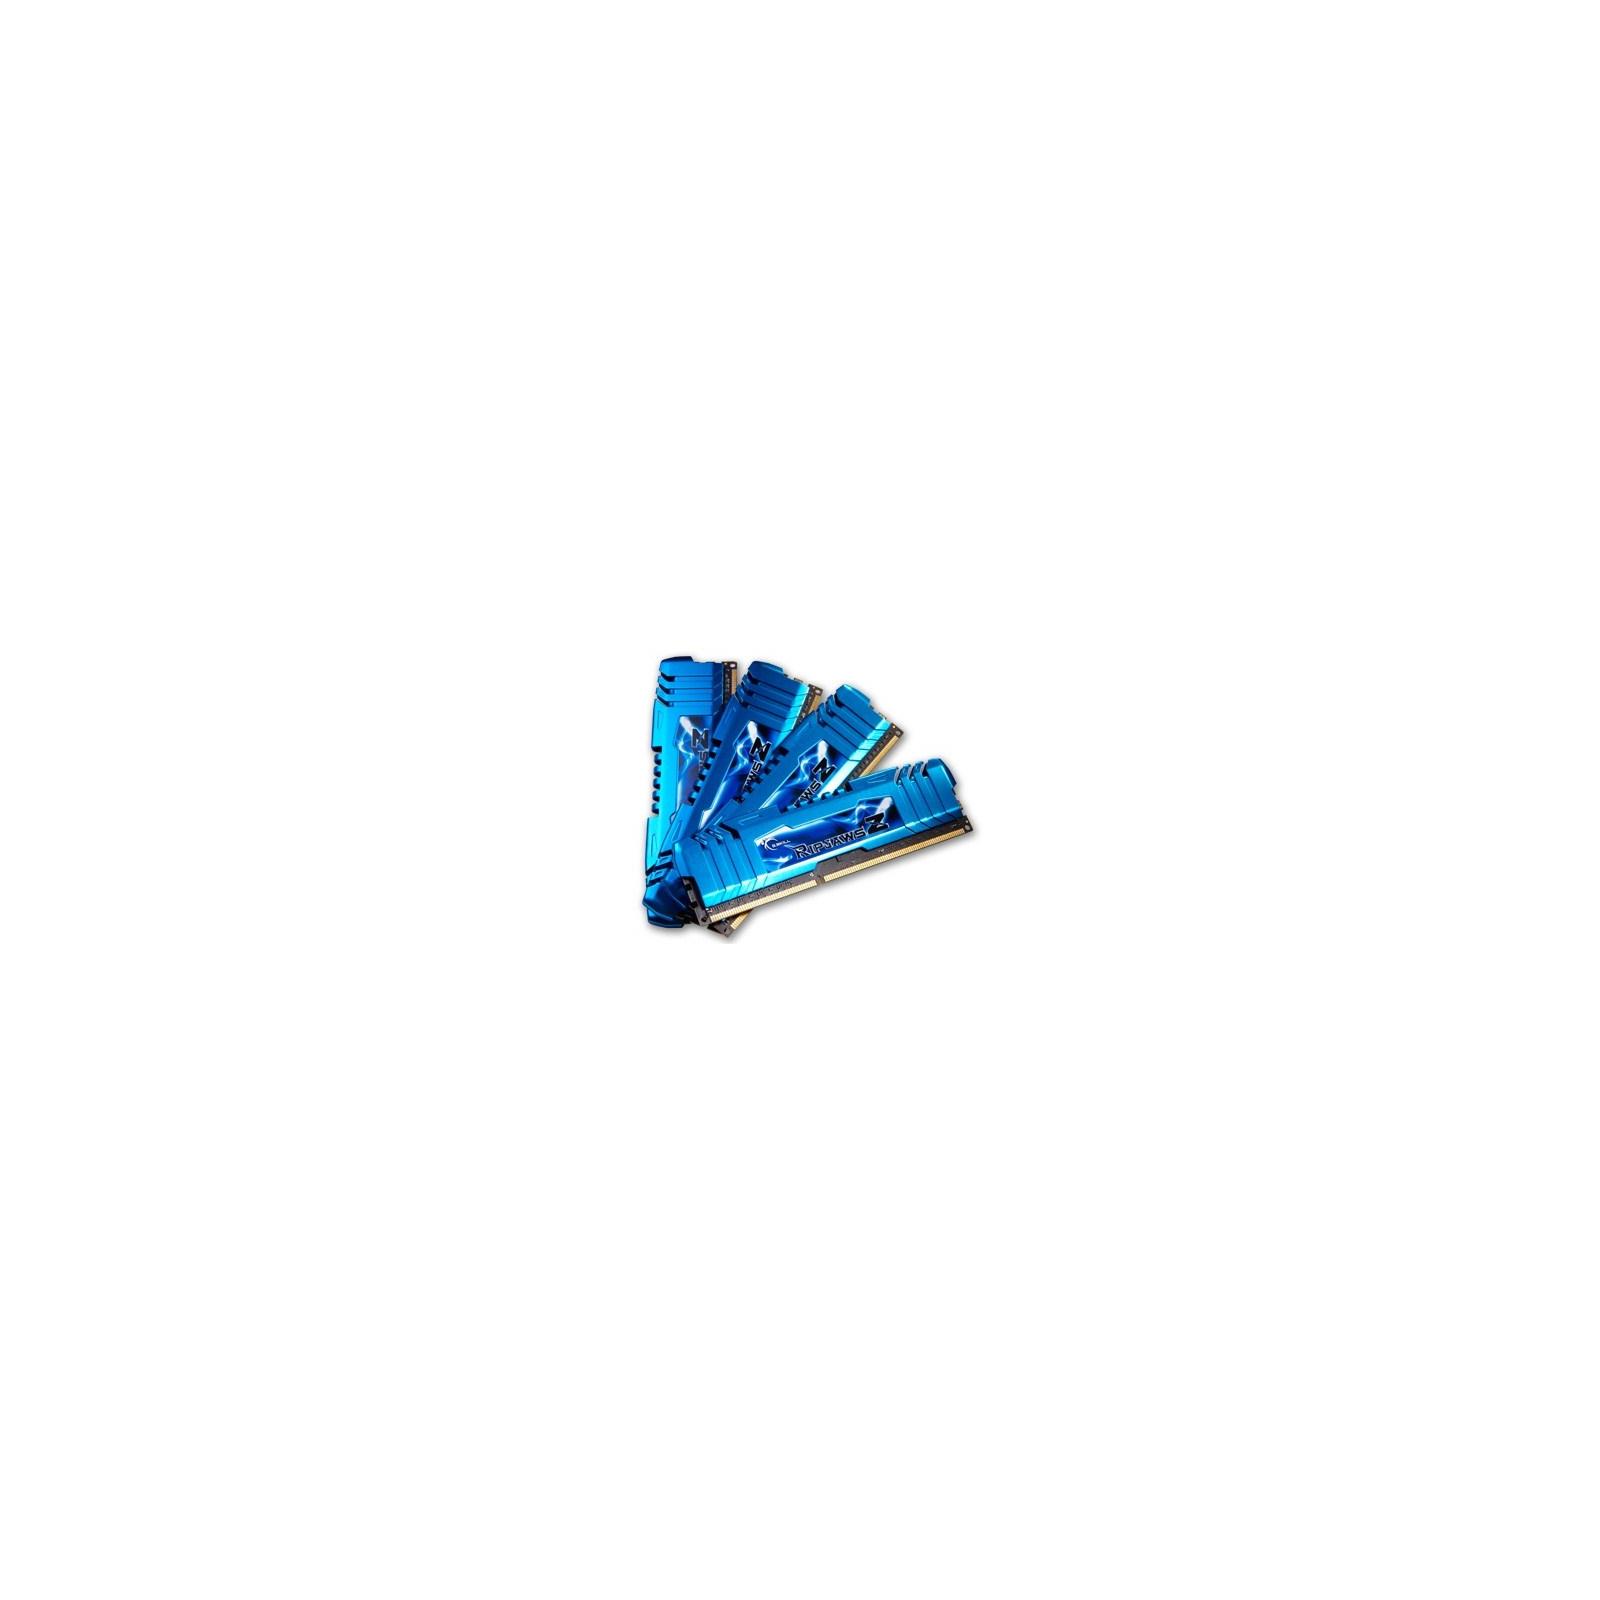 Модуль памяти для компьютера DDR3 16GB (4x4GB) 1866 MHz G.Skill (F3-14900CL8Q-16GBZM)